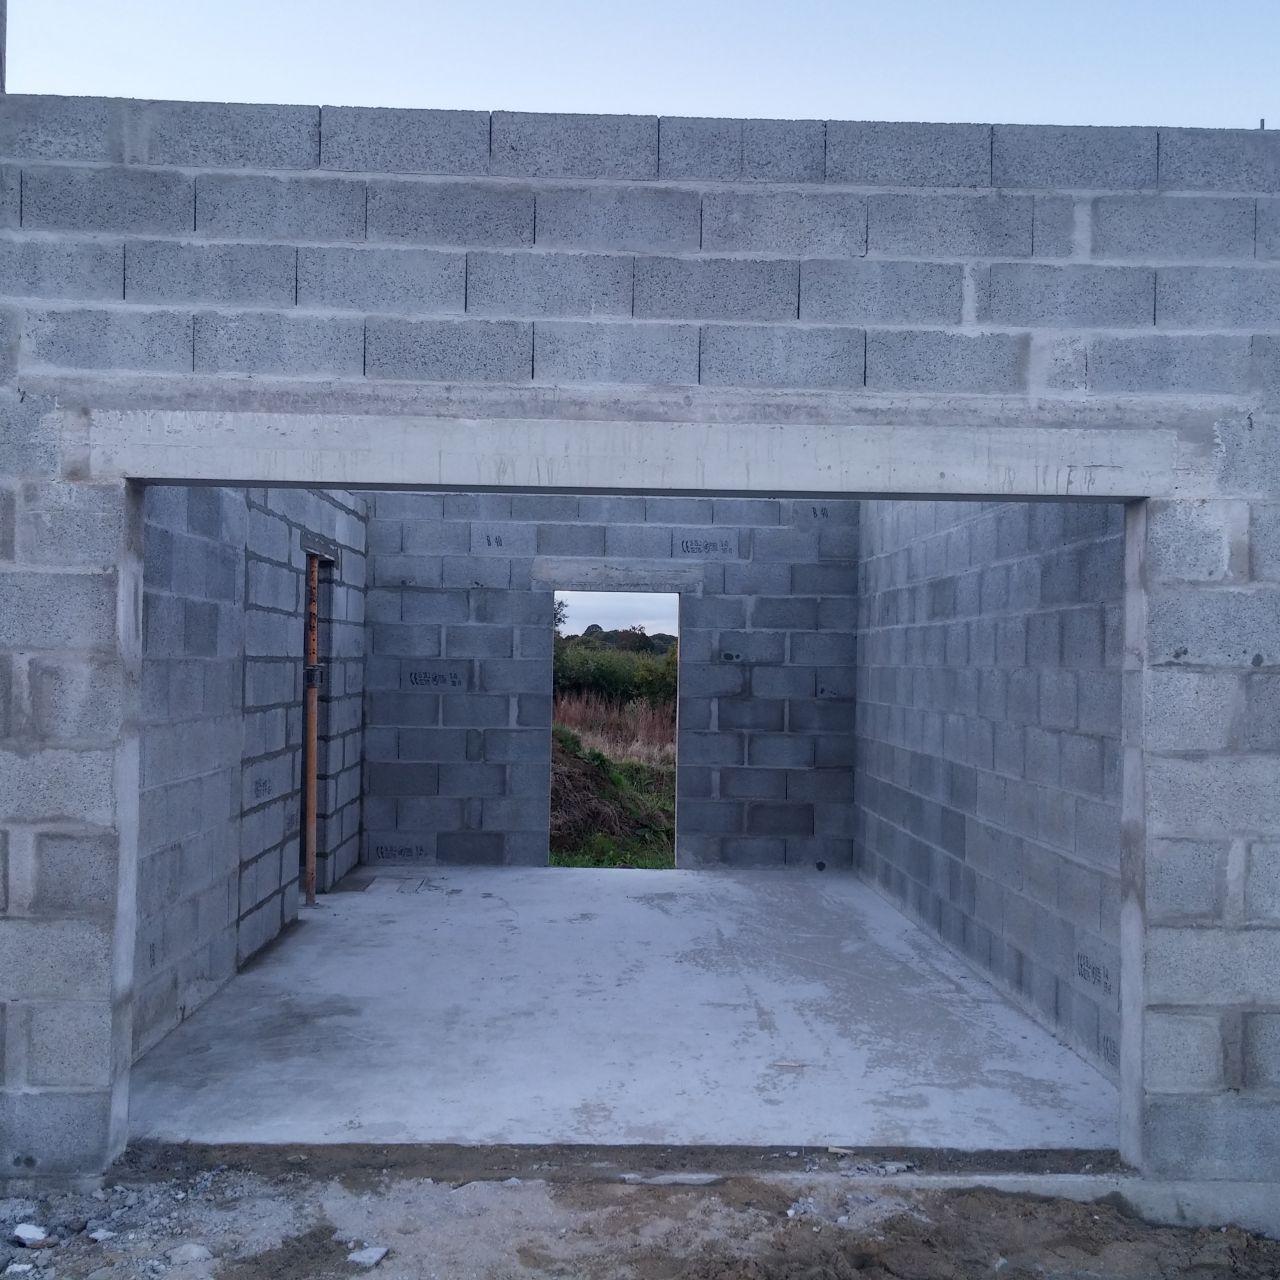 Notre premi re construction sur kersaint plabennec kersaint plabennec finistere - Garage bervas kersaint plabennec ...